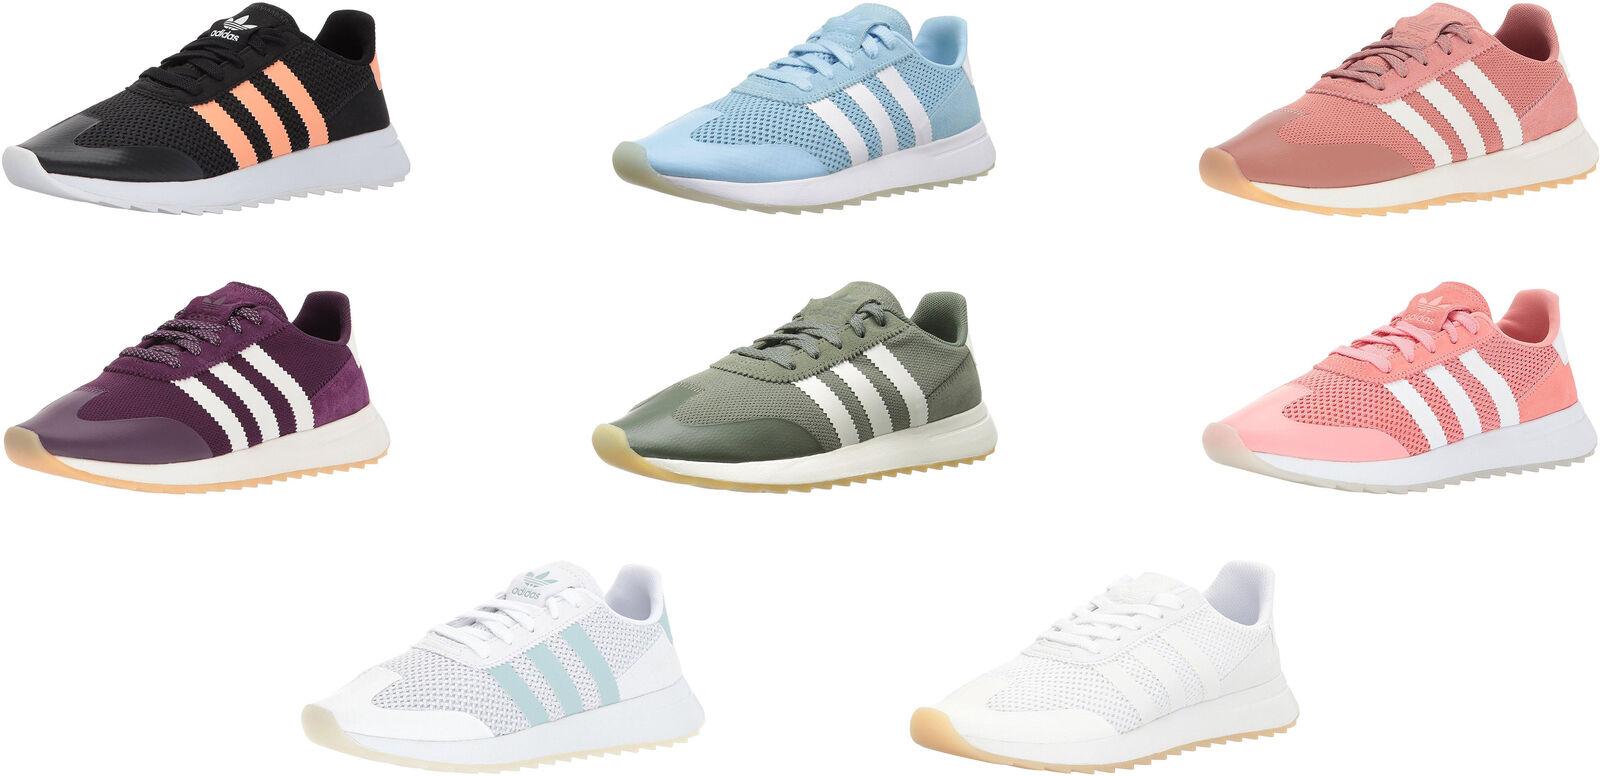 adidas Originals Women's FLB Shoes, 8 Colors